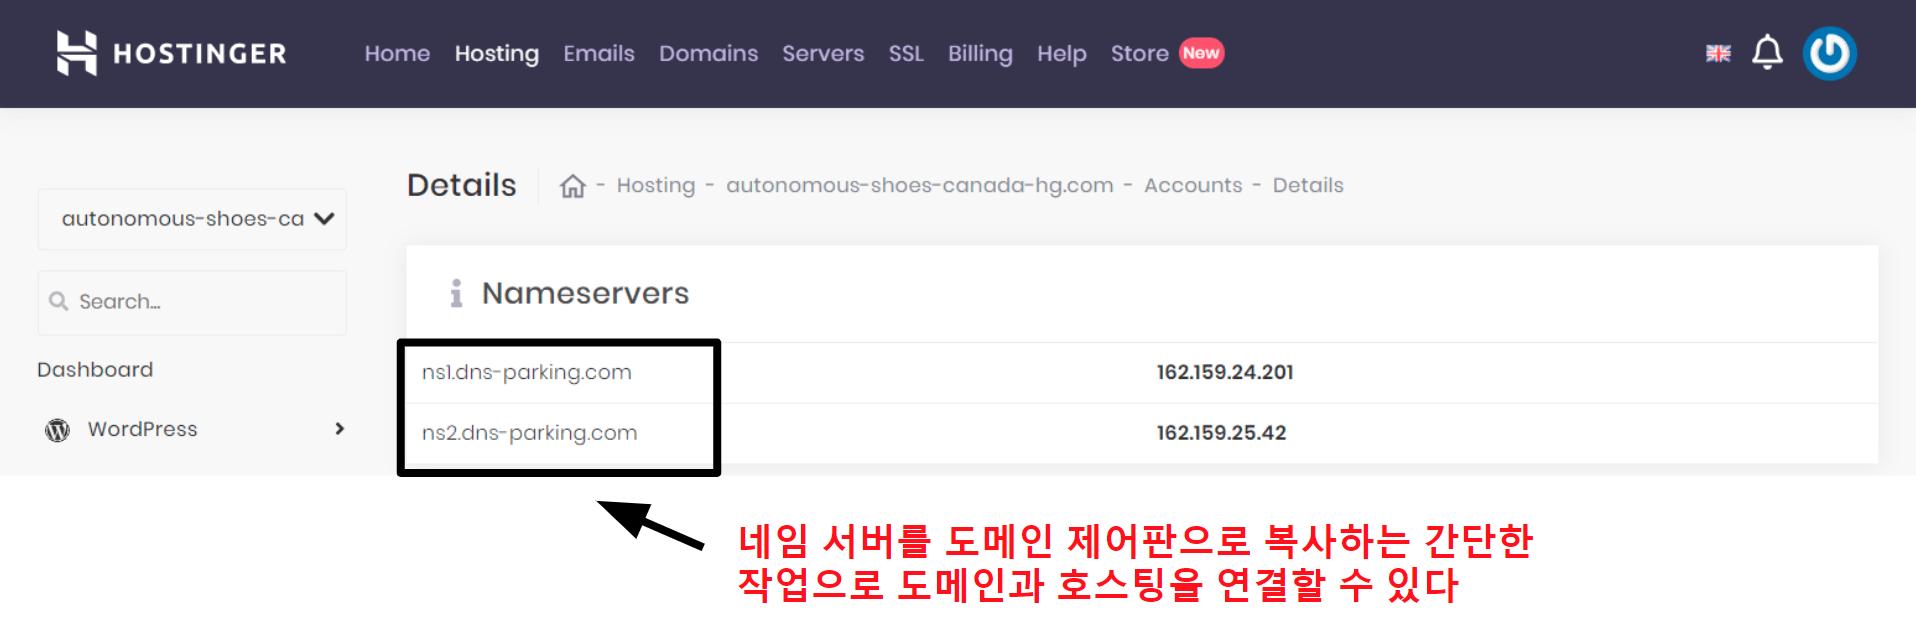 Hostinger domain connection information_KO